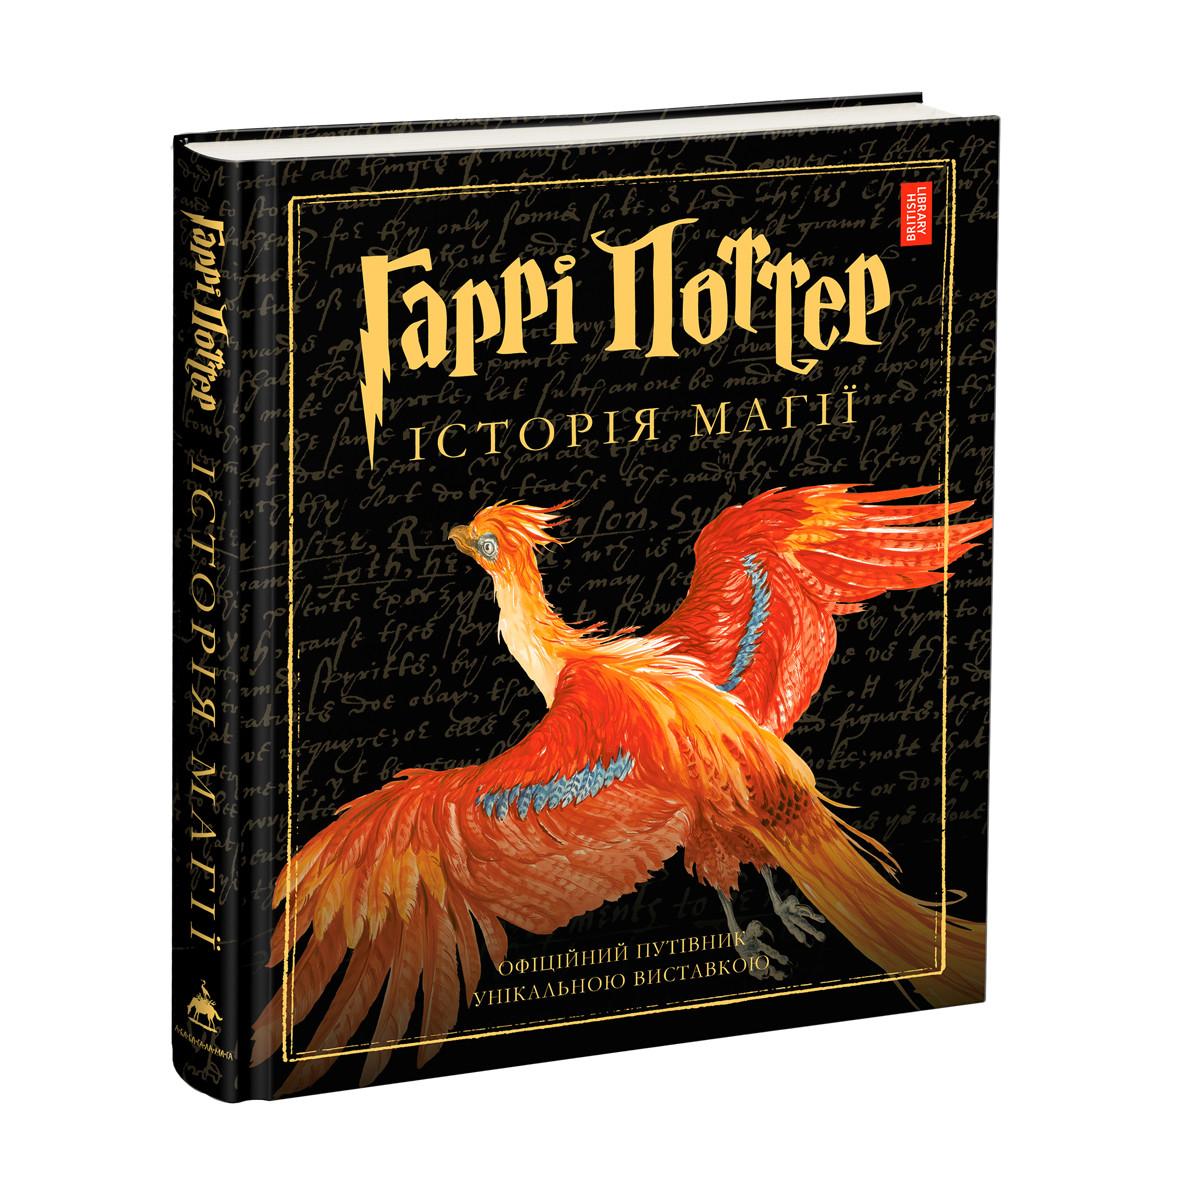 Книга Гаррі Поттер Історія магії Ілюстрована Джоан Роулінг